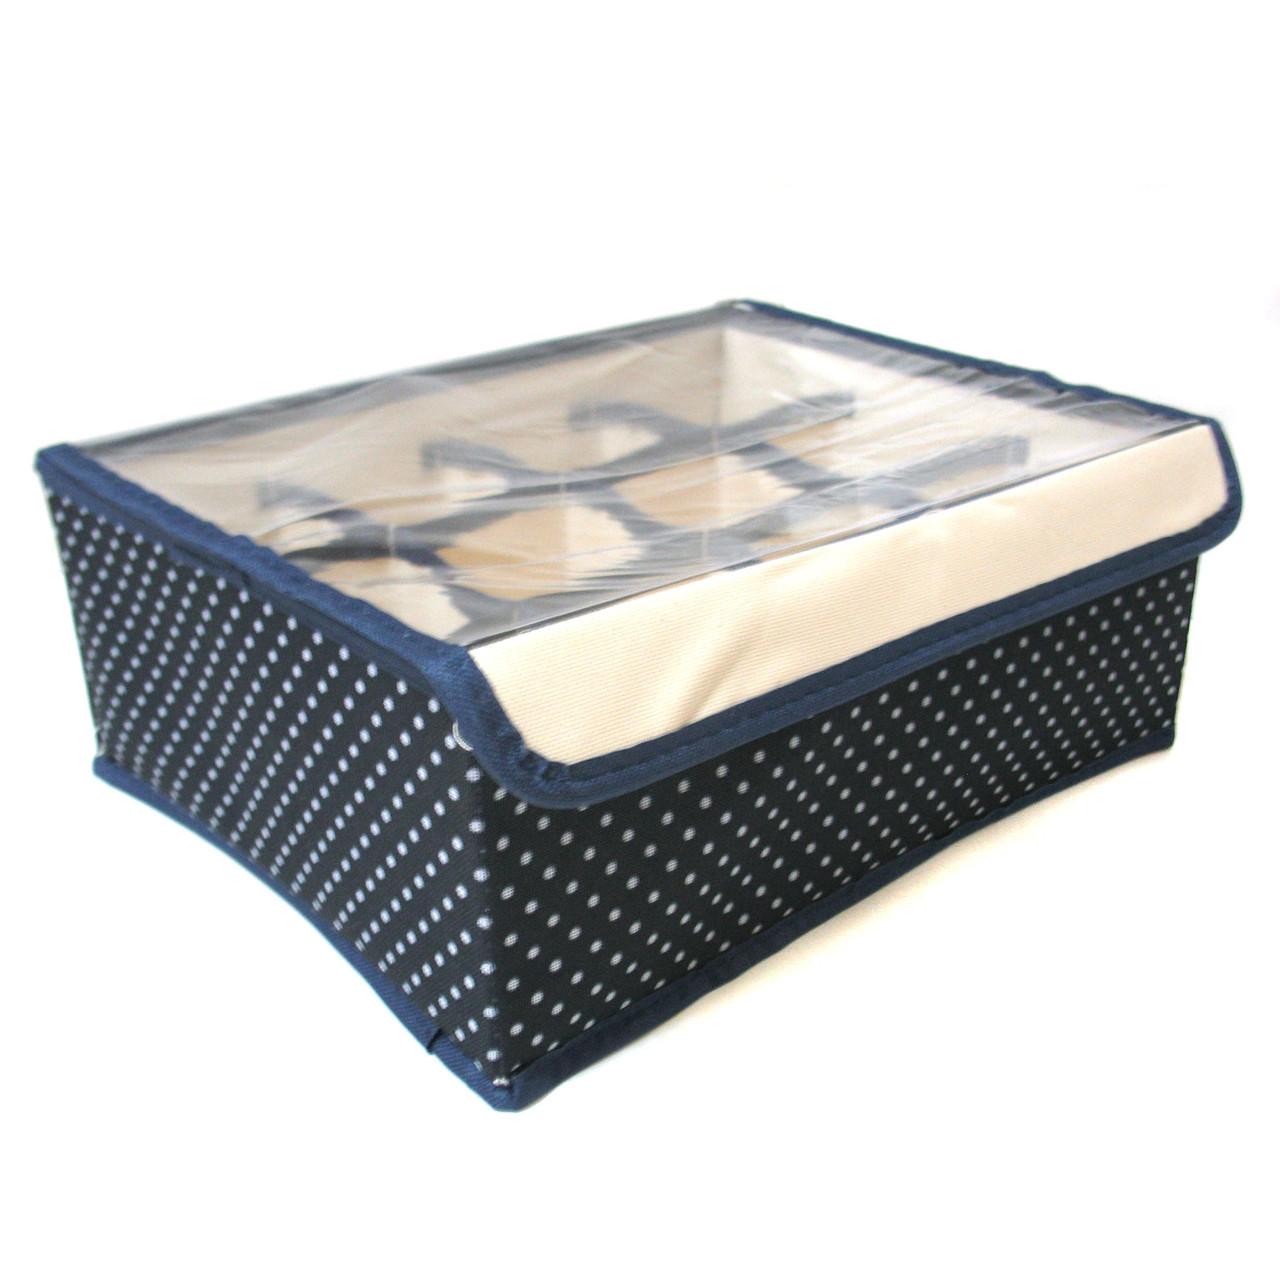 Коробка-органайзер для вещей R17466, синяя в мелкий горох